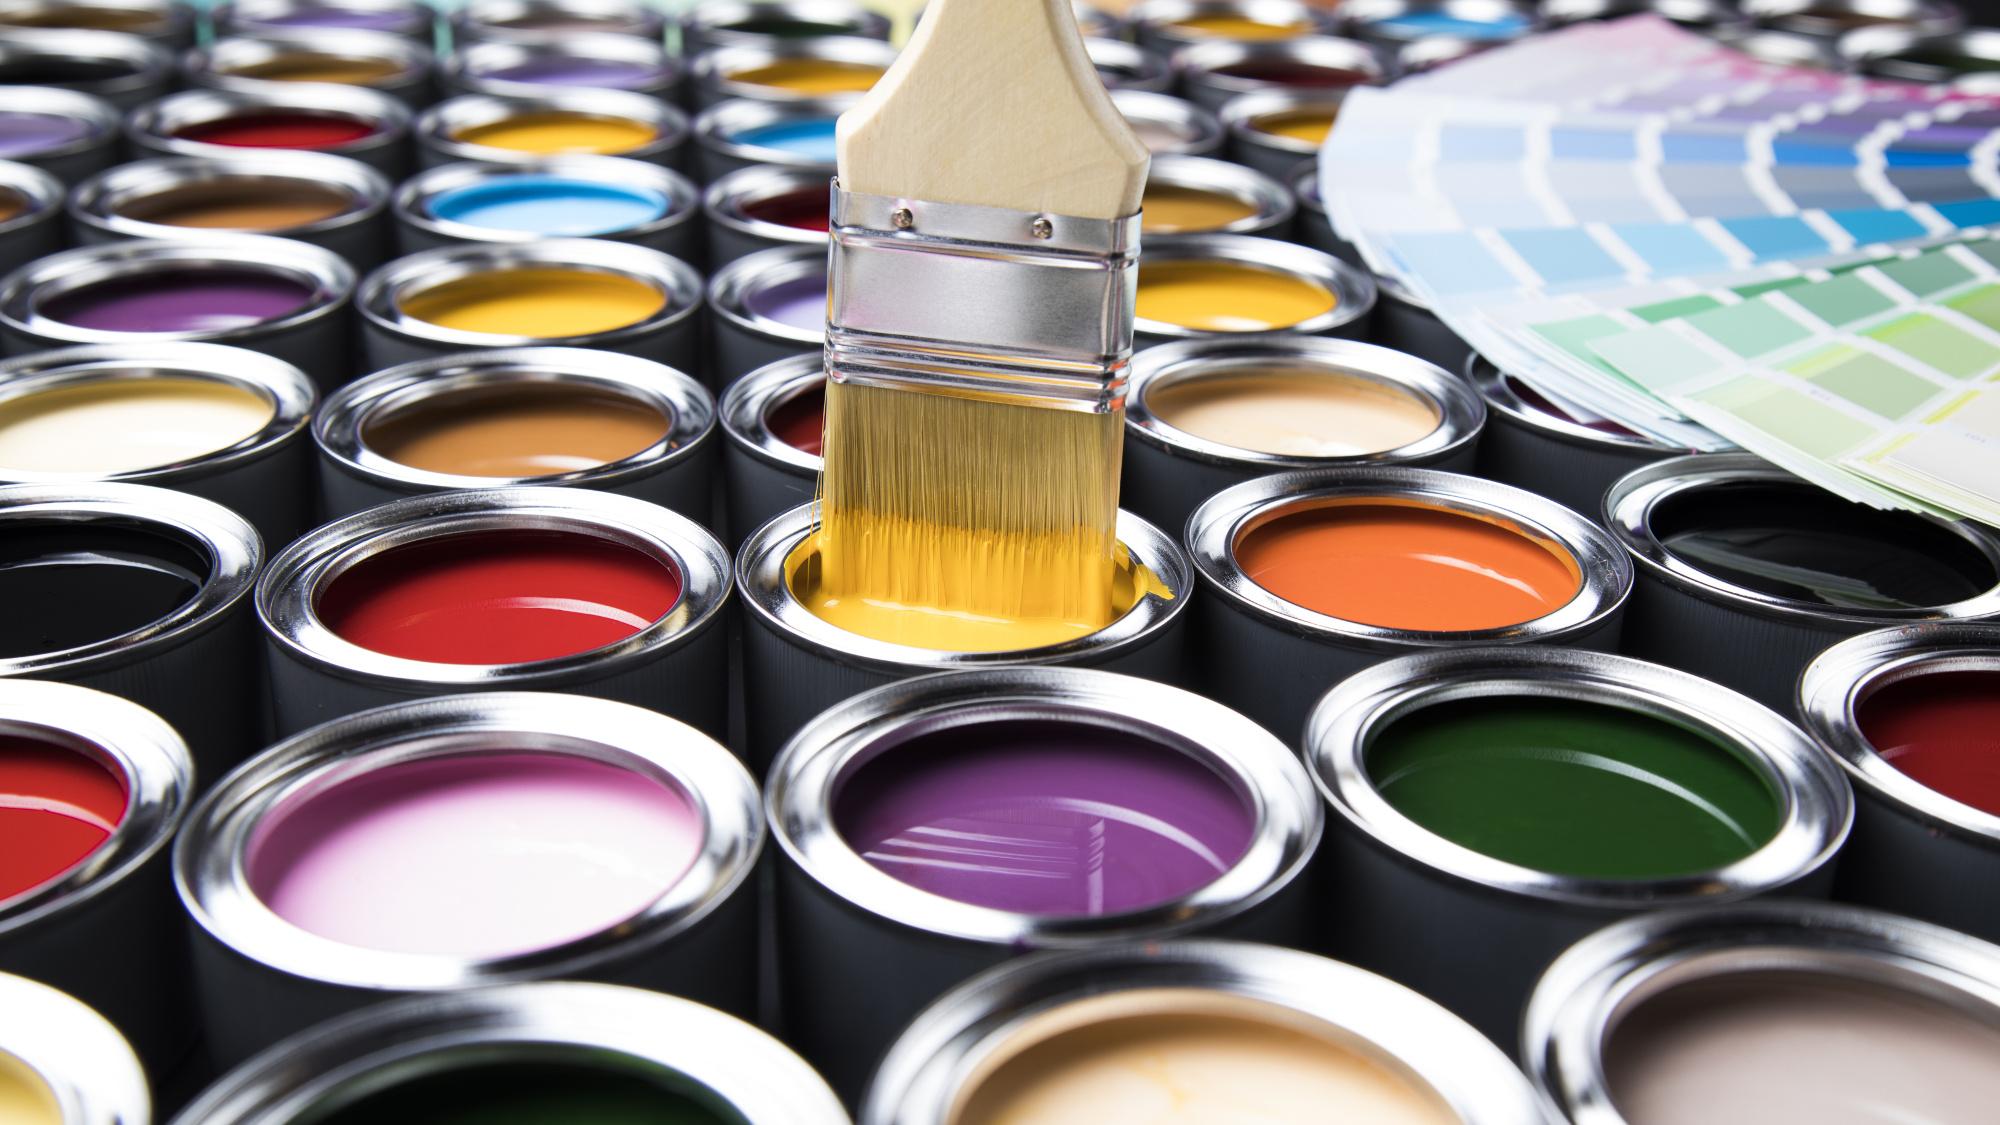 Między szkoły i organizacje podzielili farbę za... 7 zł - Zdjęcie główne